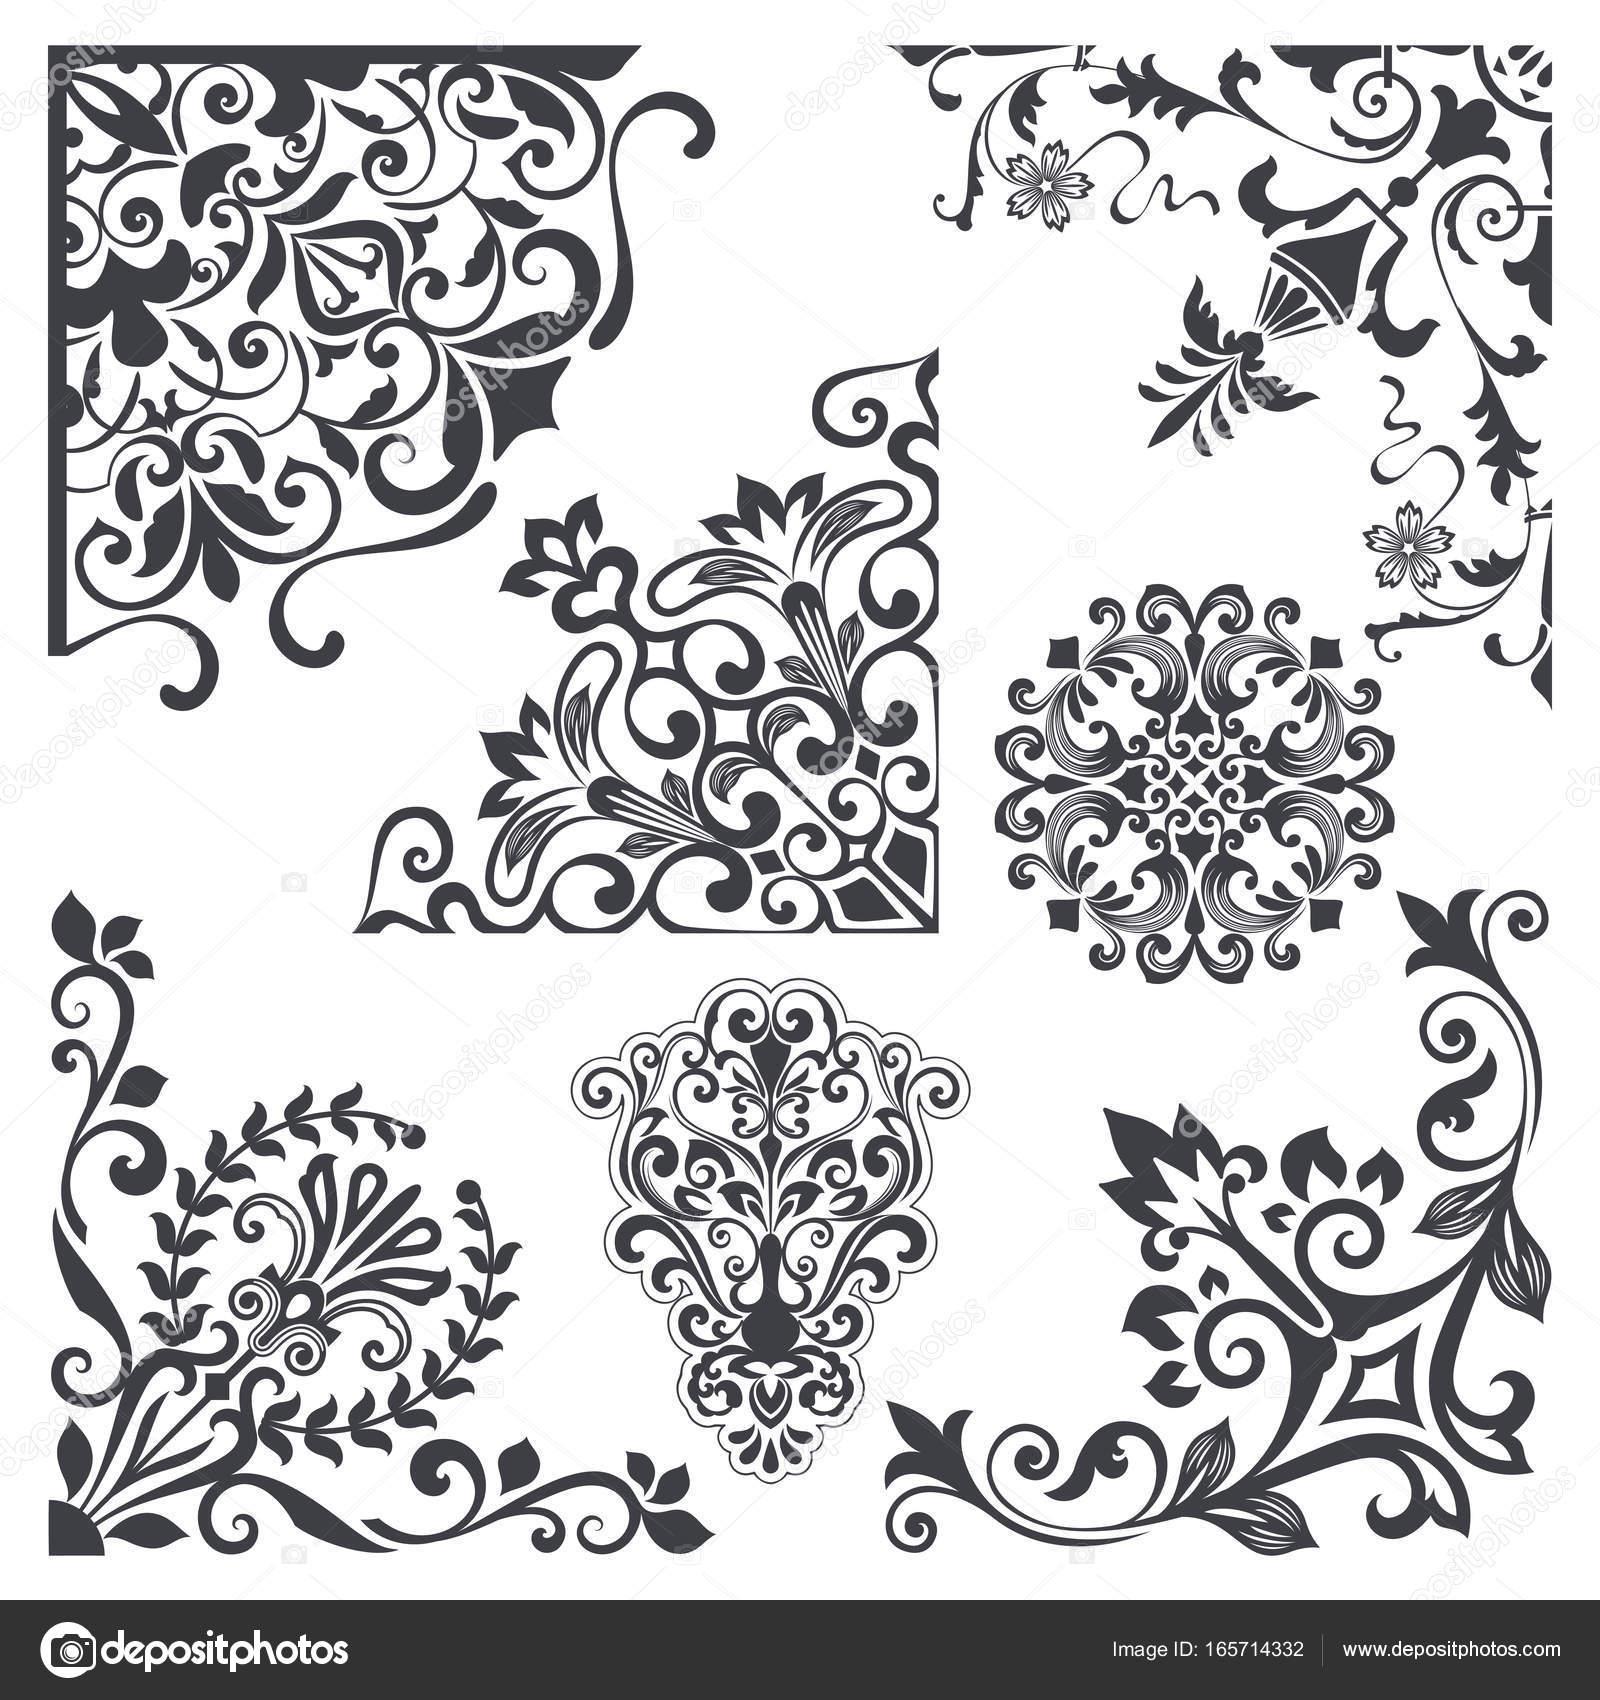 Vintage decorative floral corner design elements vector set